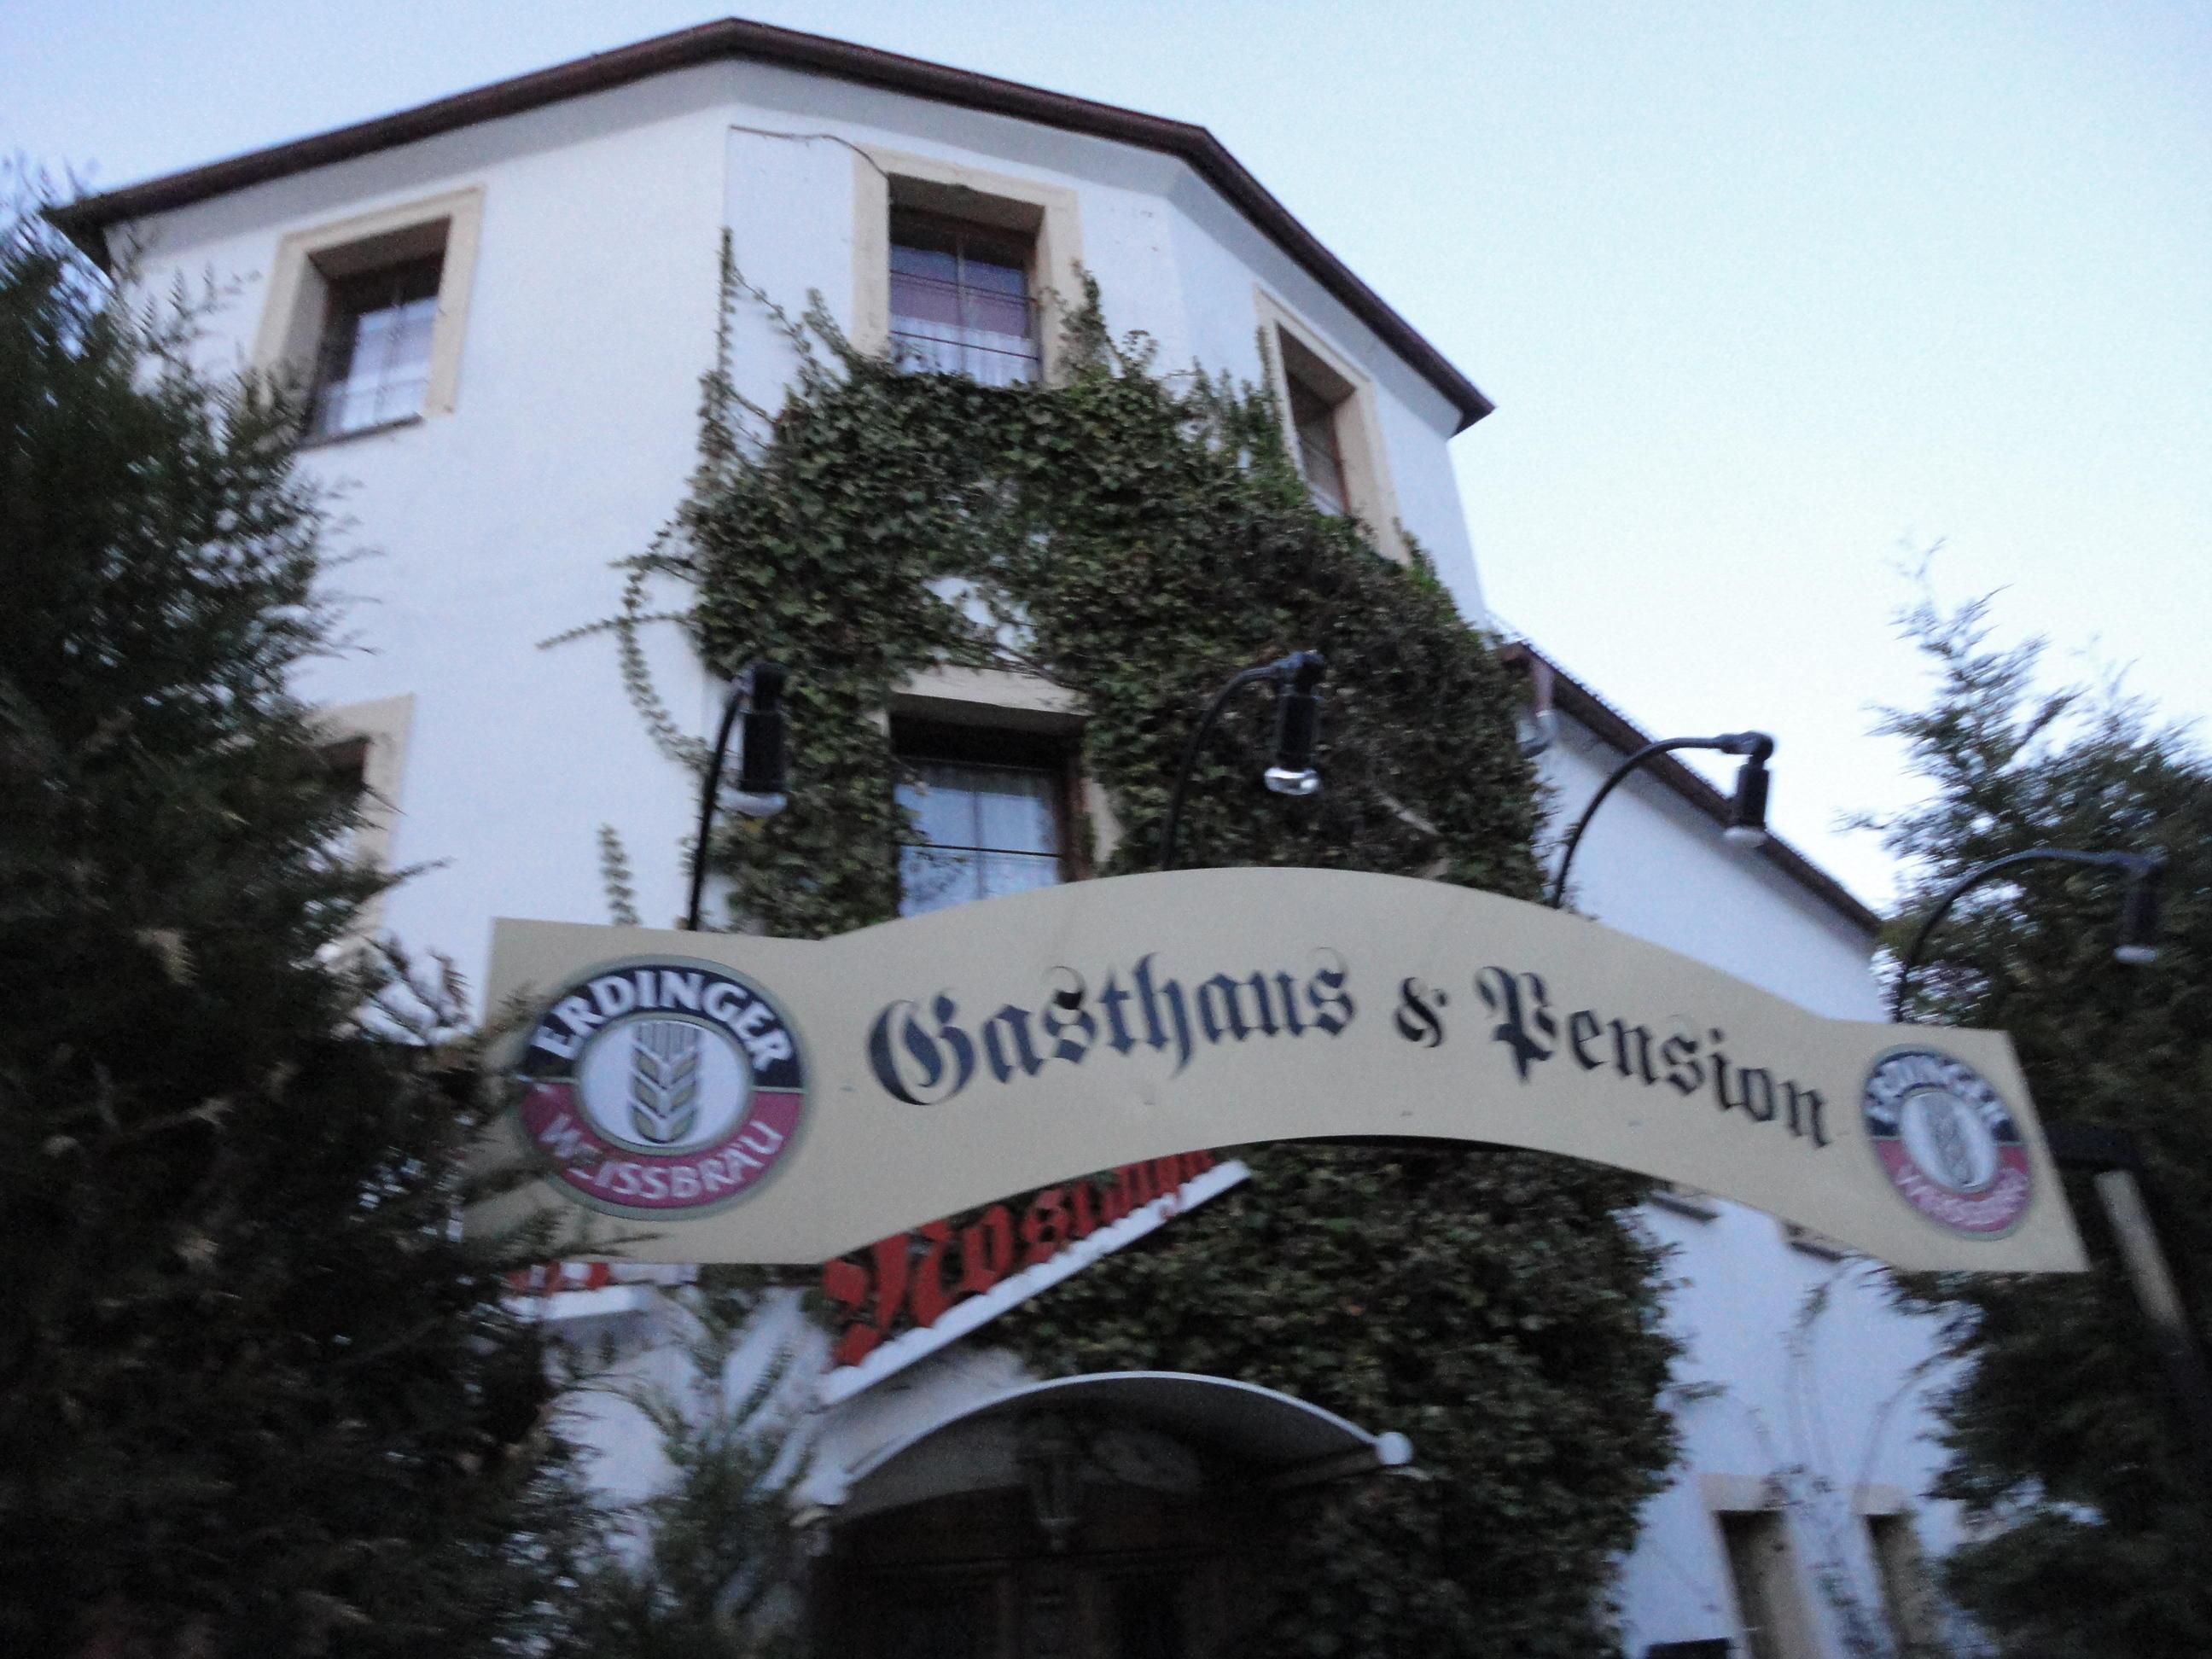 pension nostalgie in chemnitz holidaycheck sachsen deutschland. Black Bedroom Furniture Sets. Home Design Ideas